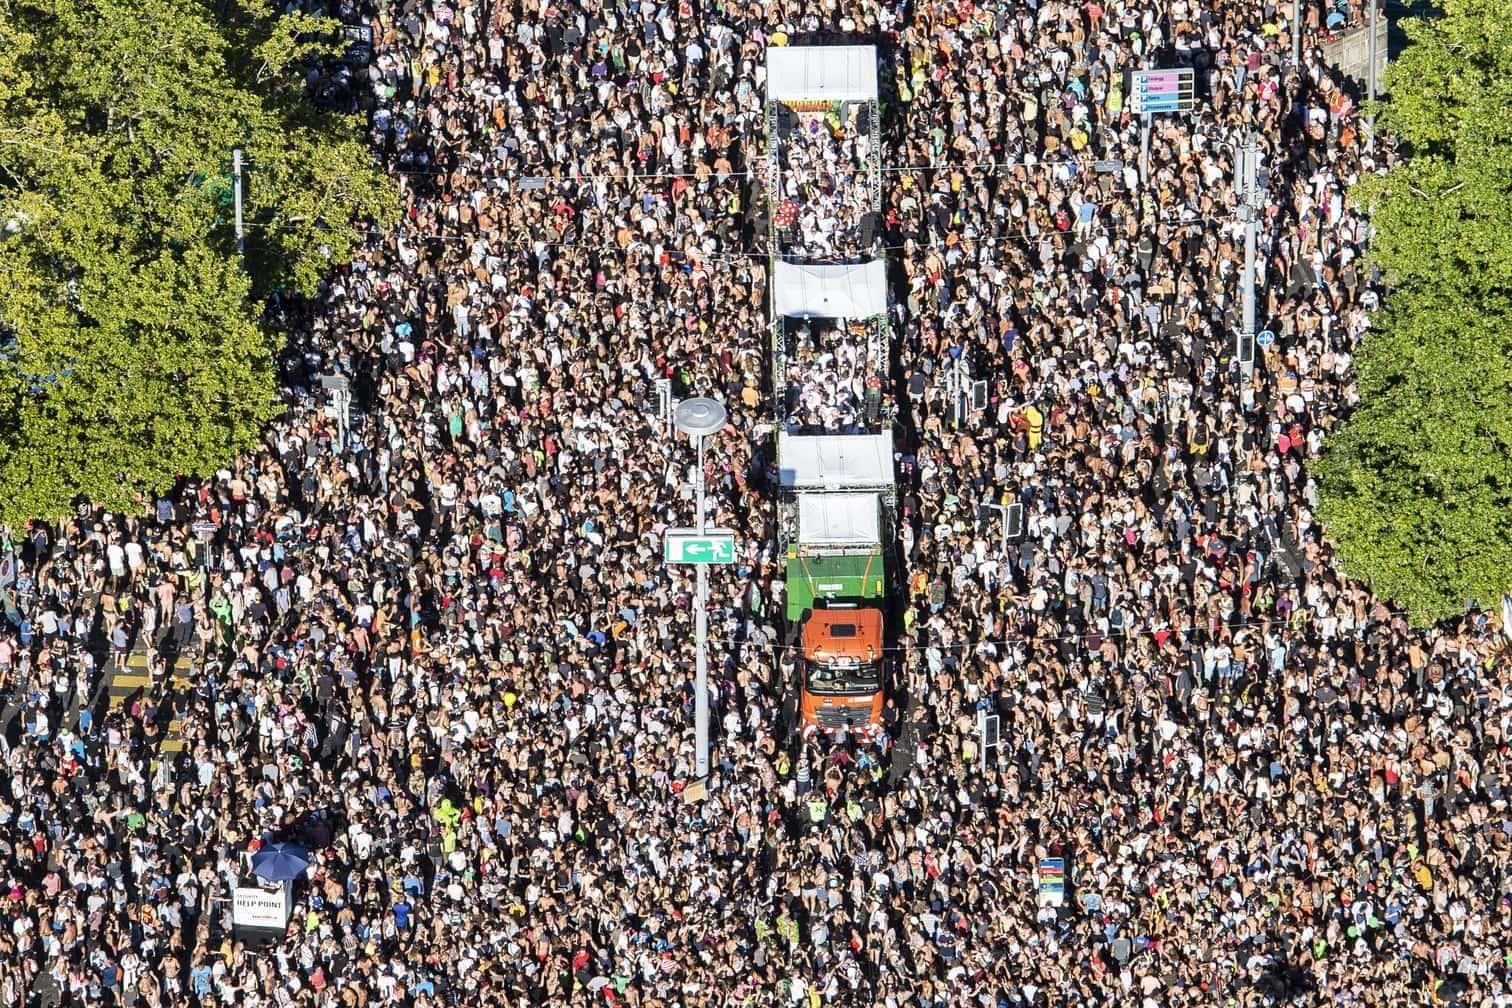 <p>Hunderttausende tanzende Menschen haben Zürich zumindest für einen Tag zur Welthauptstadt des Techno gemacht.&nbsp;</p> Foto: dpa